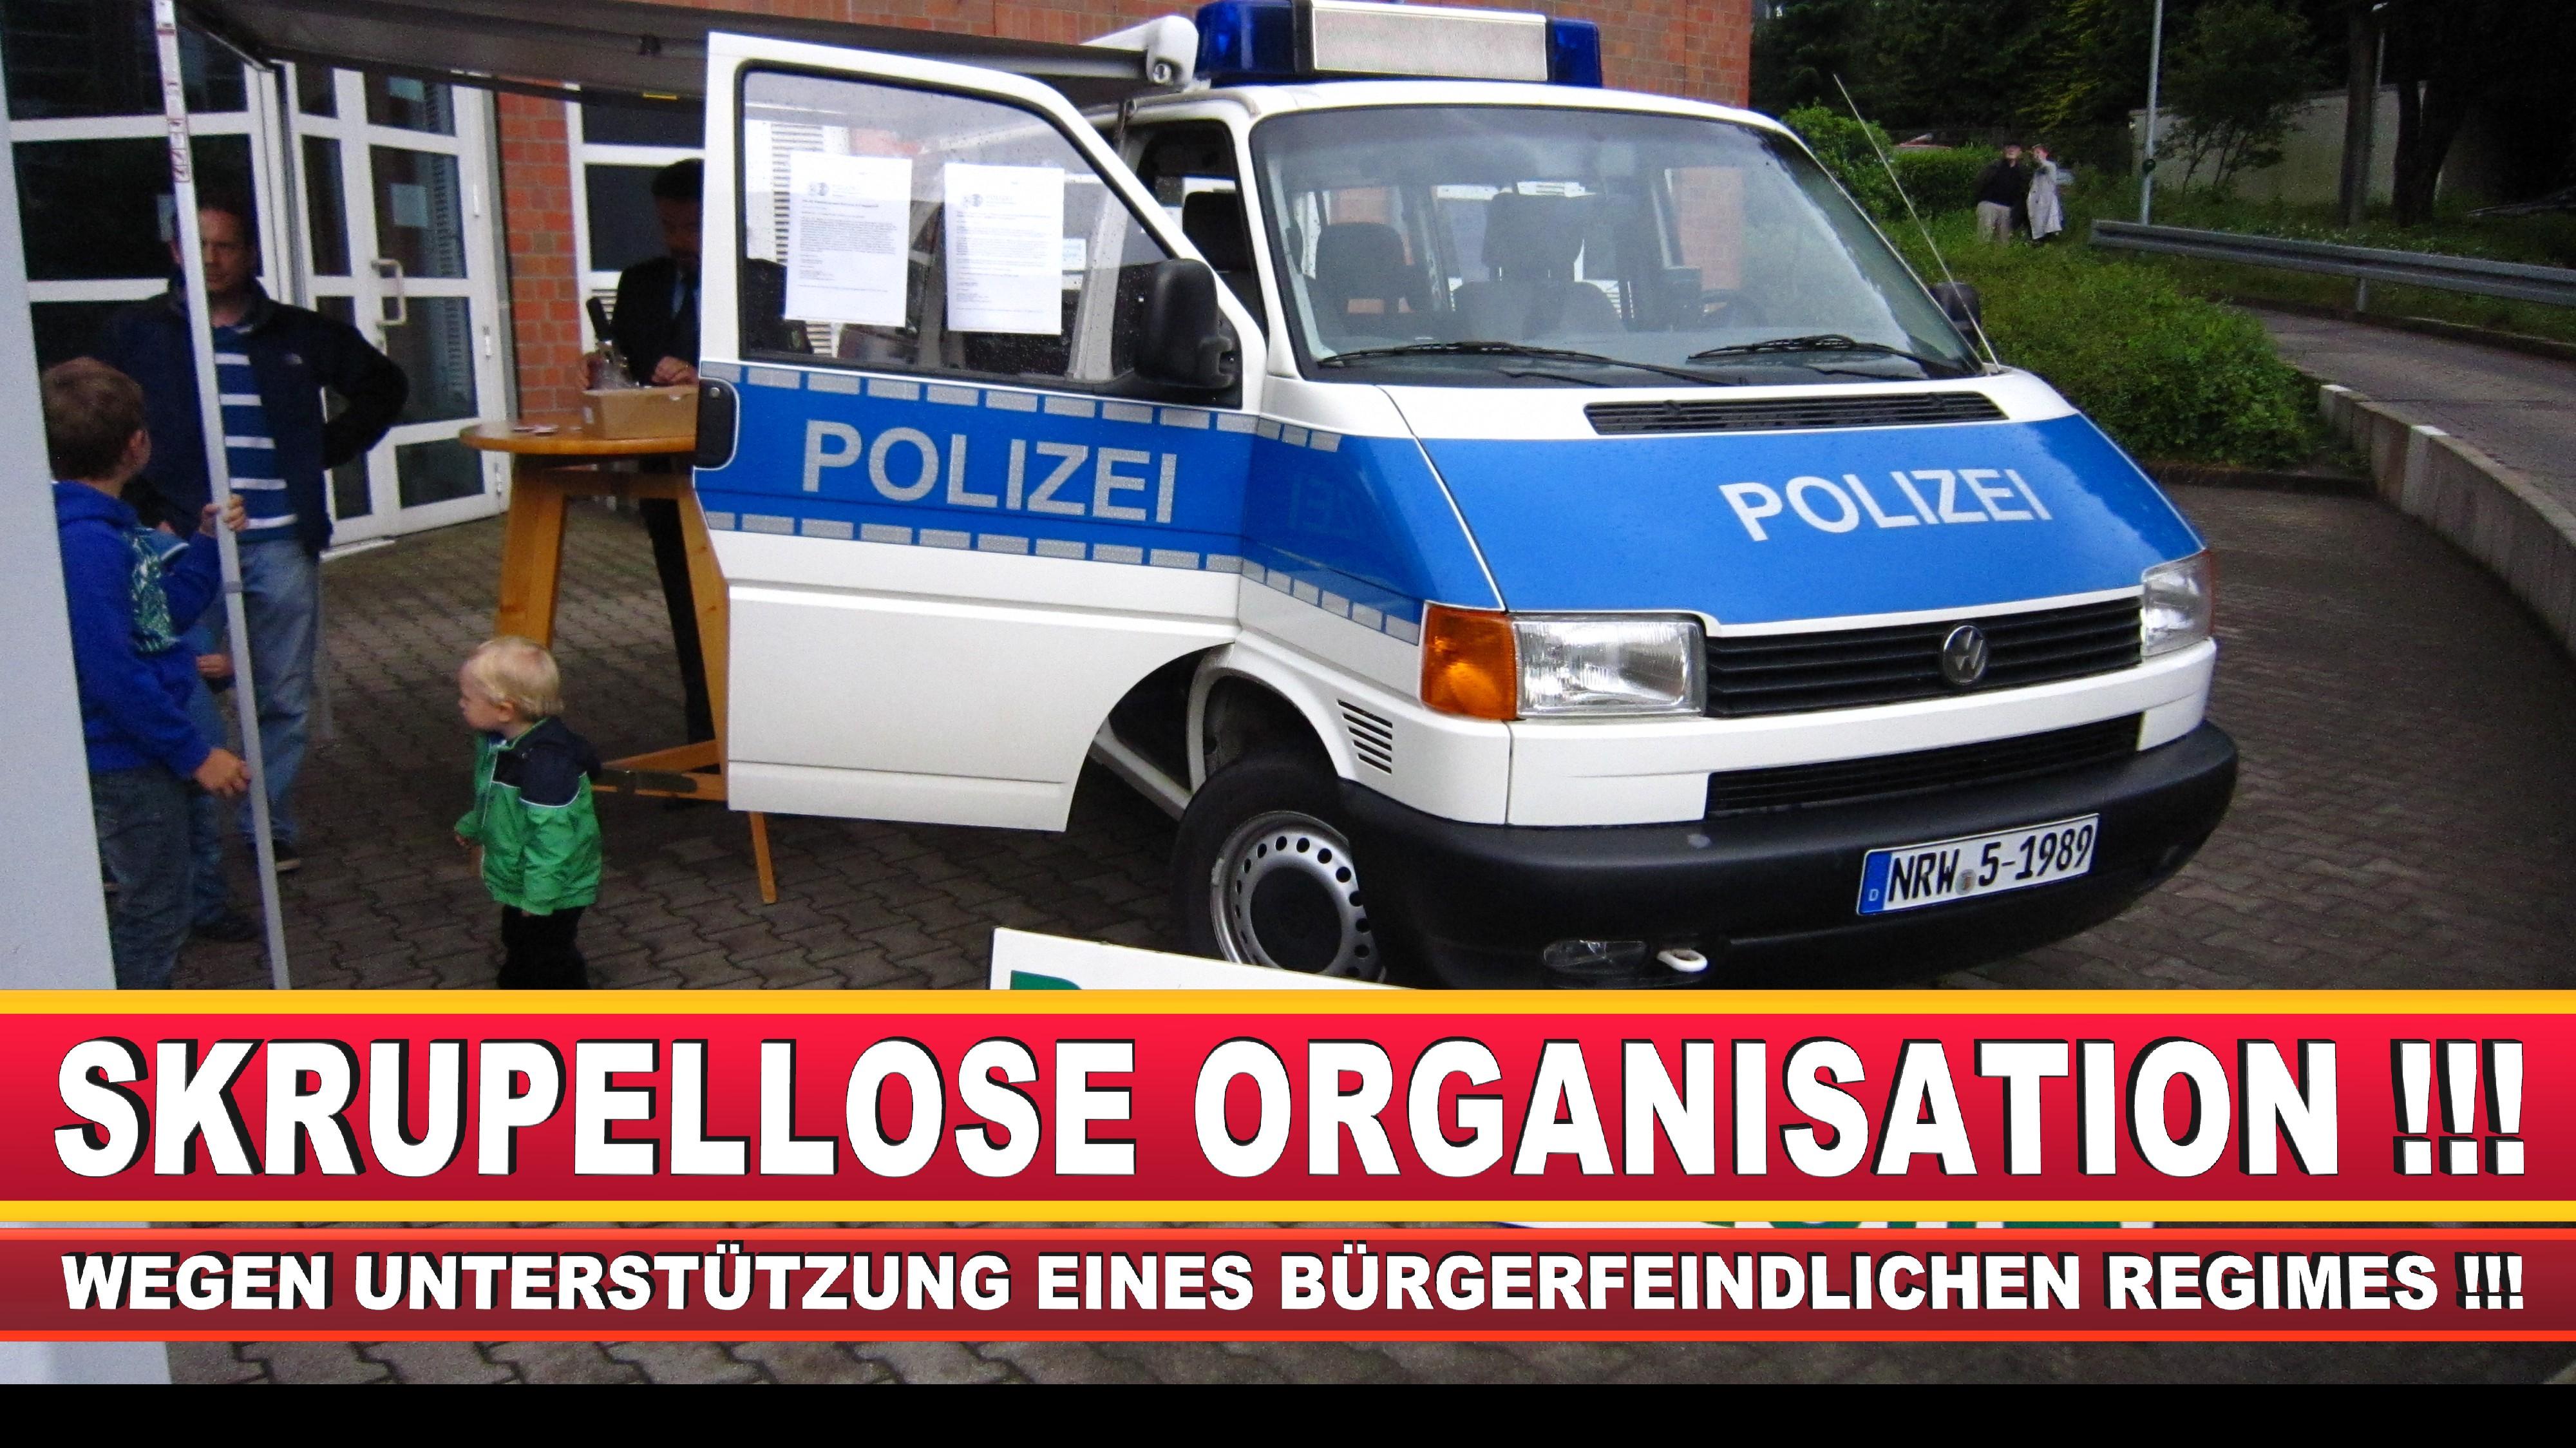 Polizeipräsidentin Katharina Giere Polizei Bielefeld NRW Erwin Südfeld Horst Kruse Polizeiuniform Polizeigewalt DEMONSTRATION Bahnhof (13)